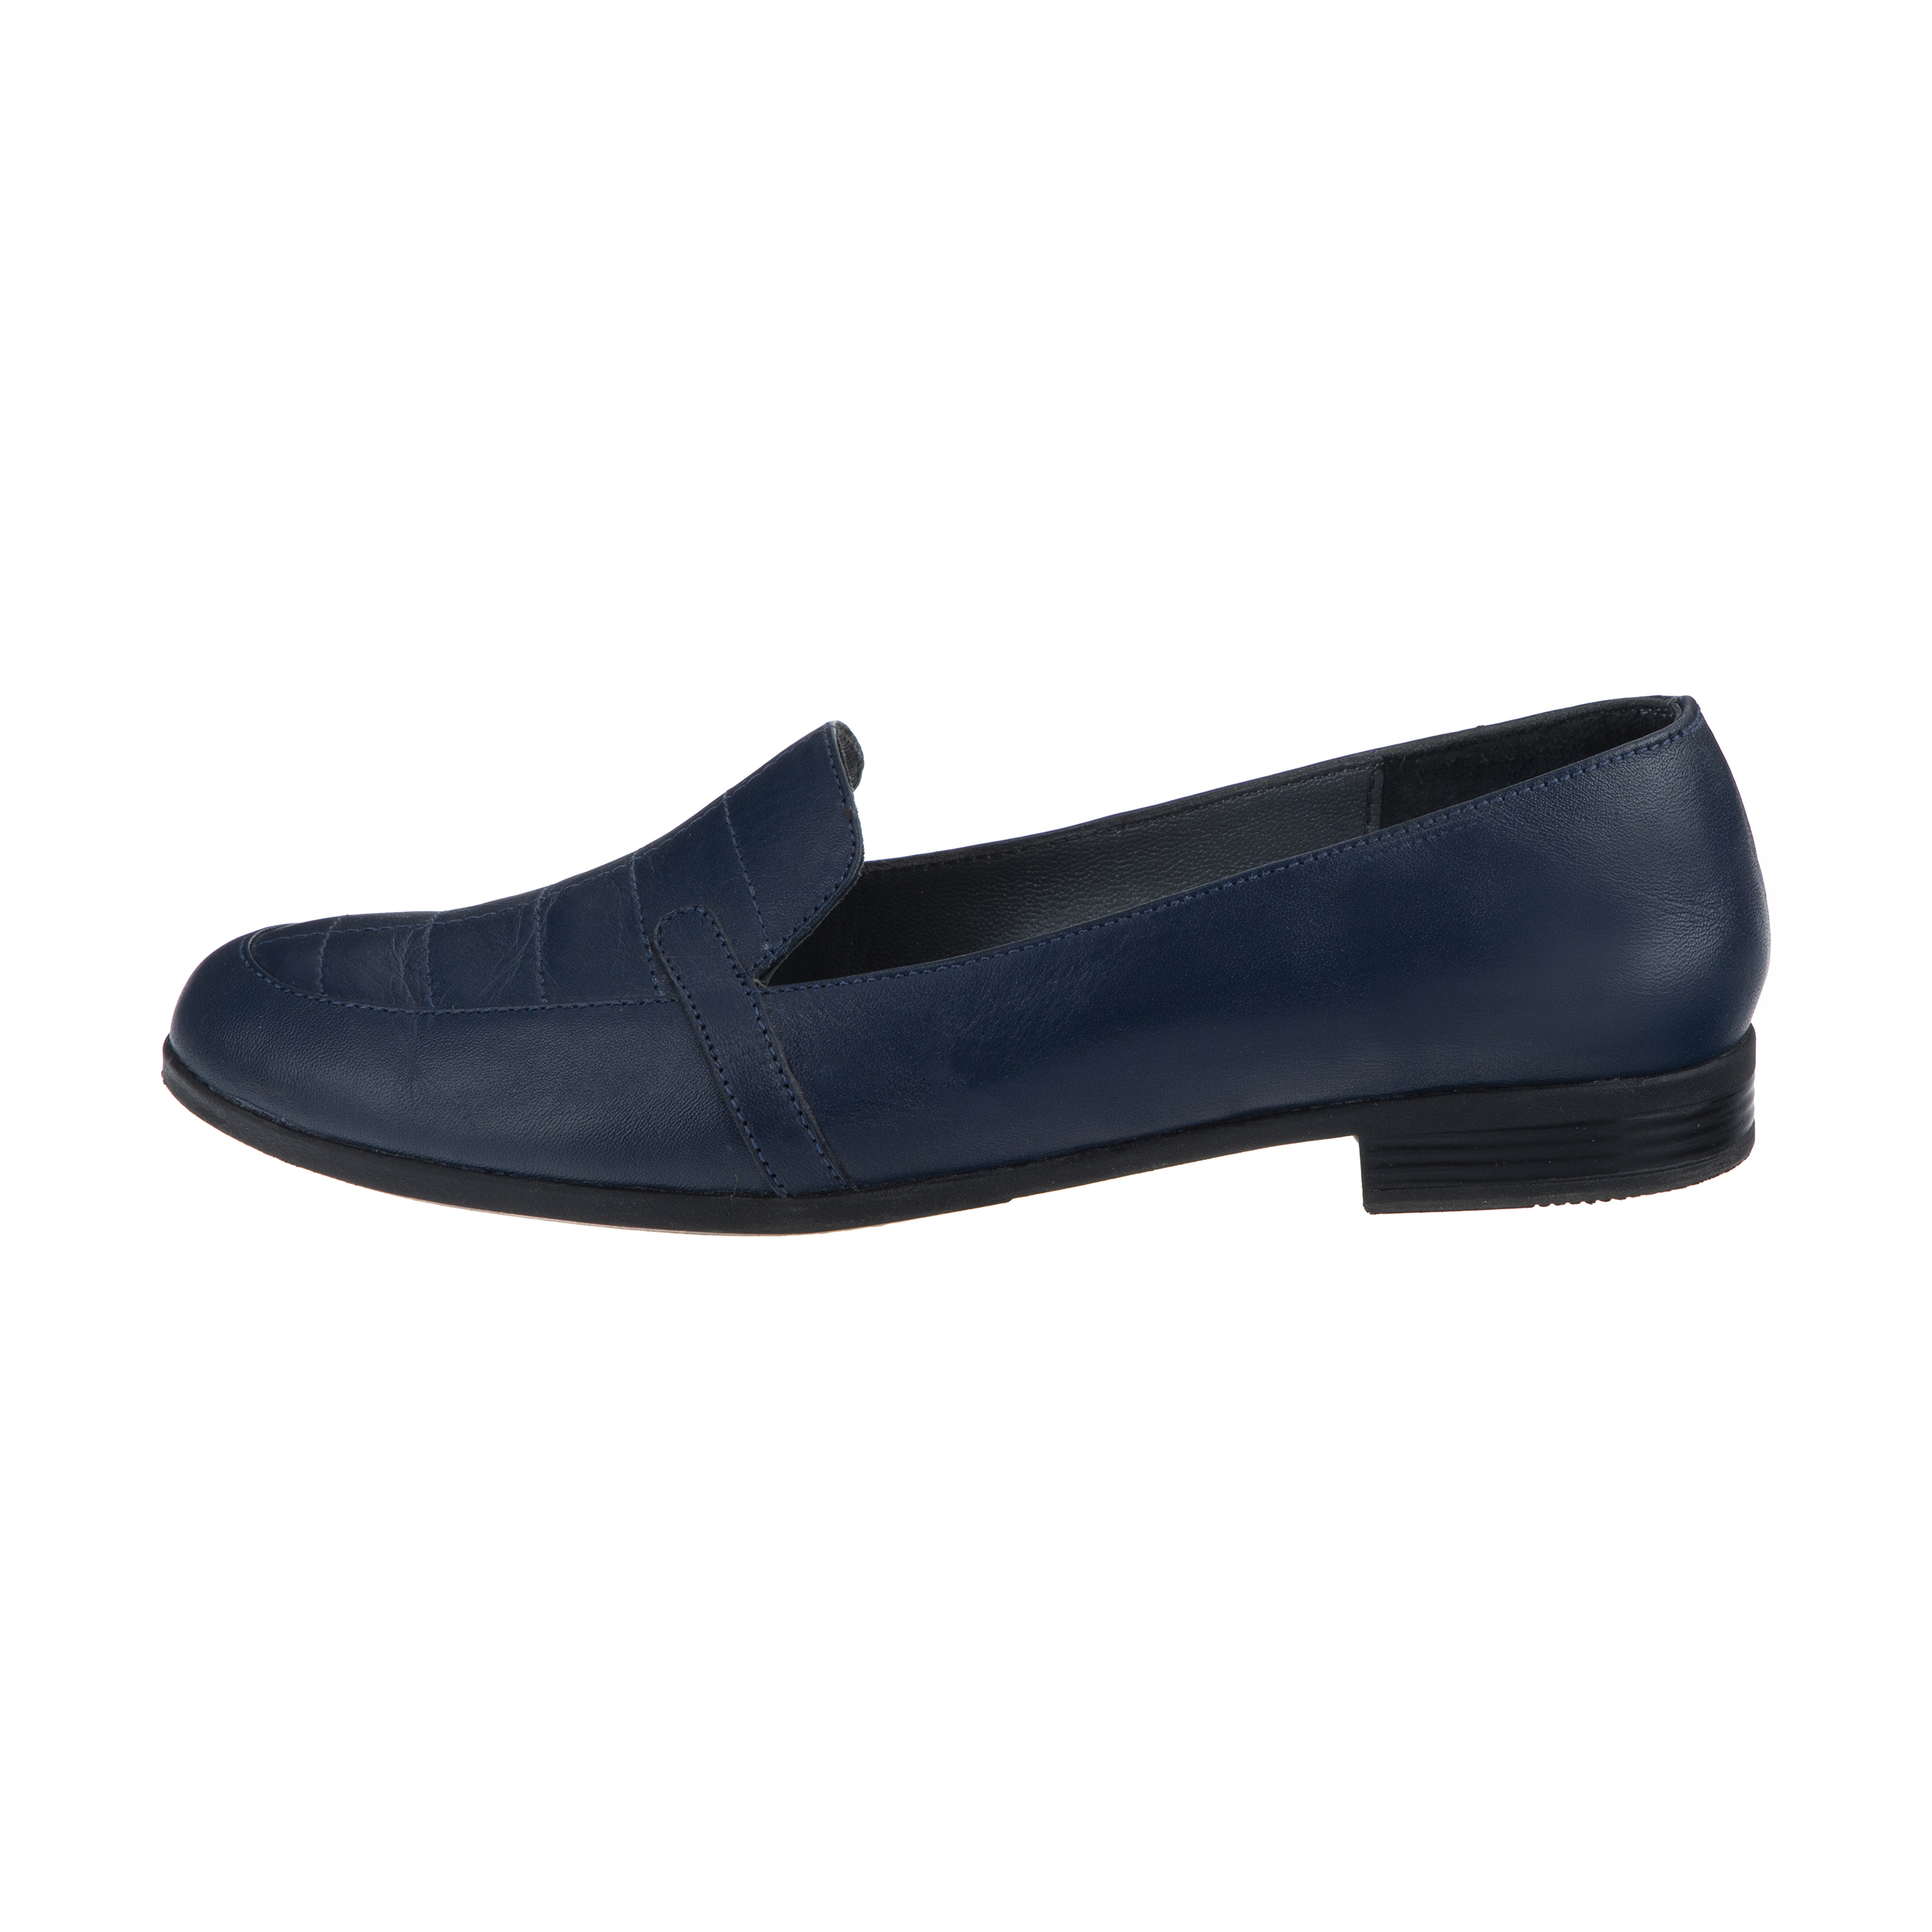 کفش روزمره زنانه بلوط مدل 5274A500103